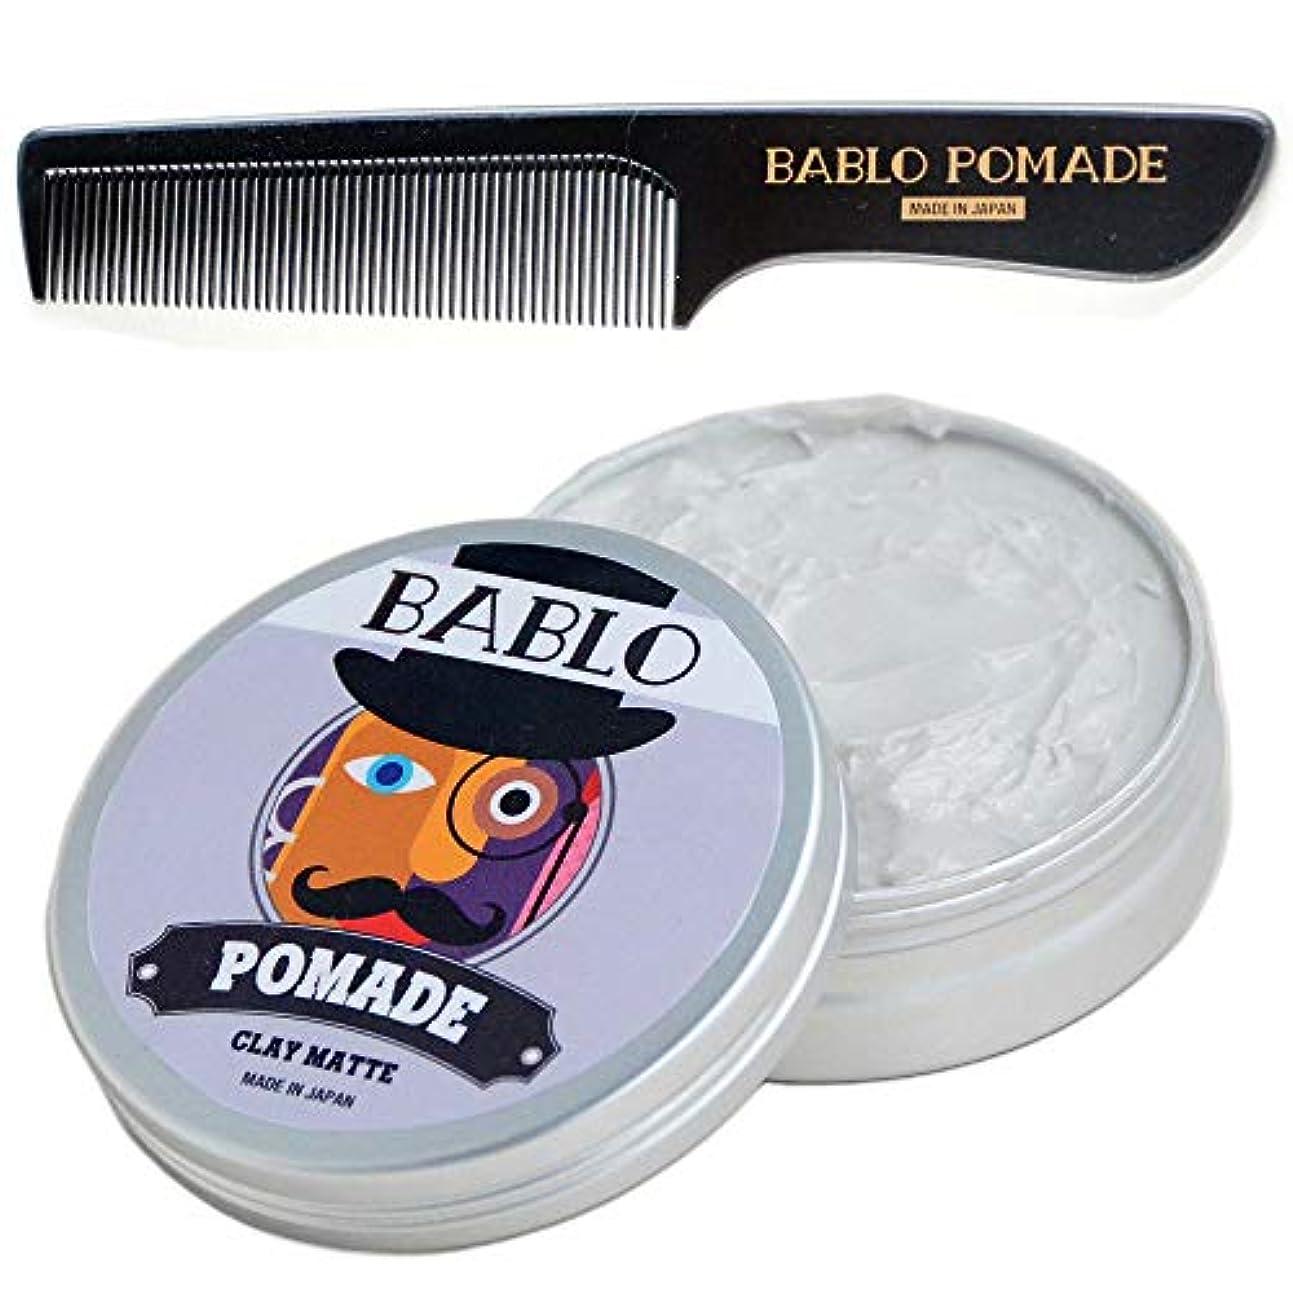 均等にアウターシェトランド諸島バブロ ポマード クレイマット ヘアワックス 整髪料 水性 ヘアグリース メンズ コーム 櫛 セット